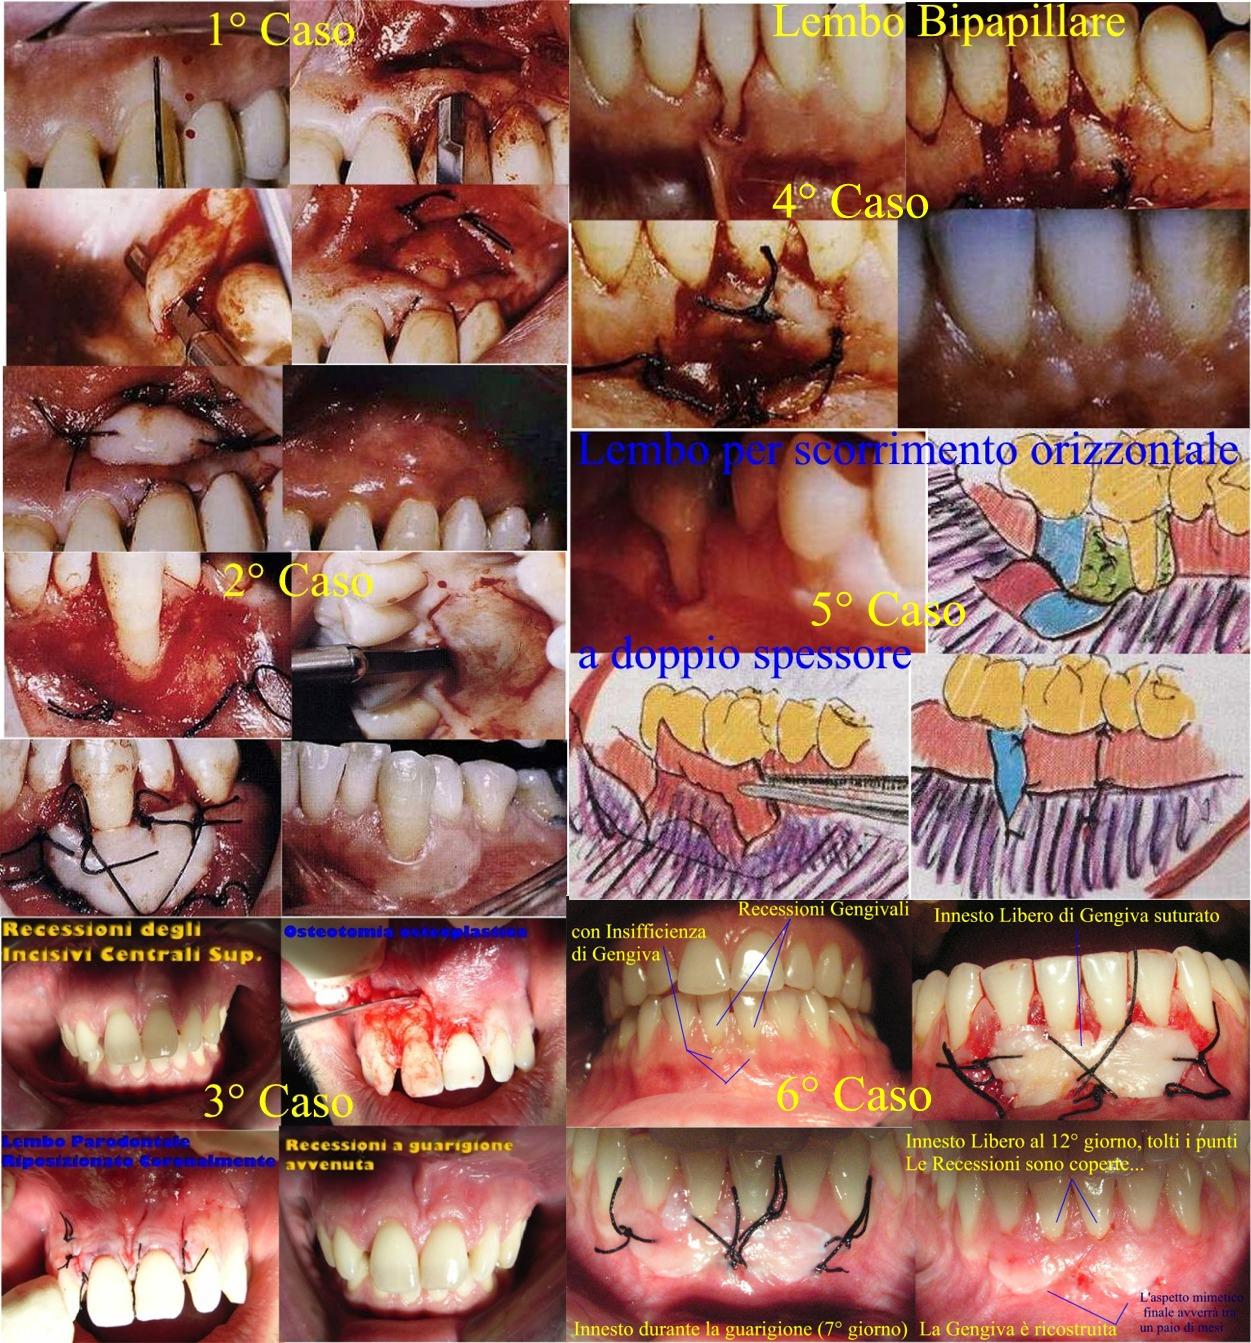 Recessioni Gengivali . Esempi di vari trattamenti di Chirurgia Parodontale Mucogengivale e Gengivale. Da casistica del Dr. Gustavo Petti Parodontologo in Cagliari